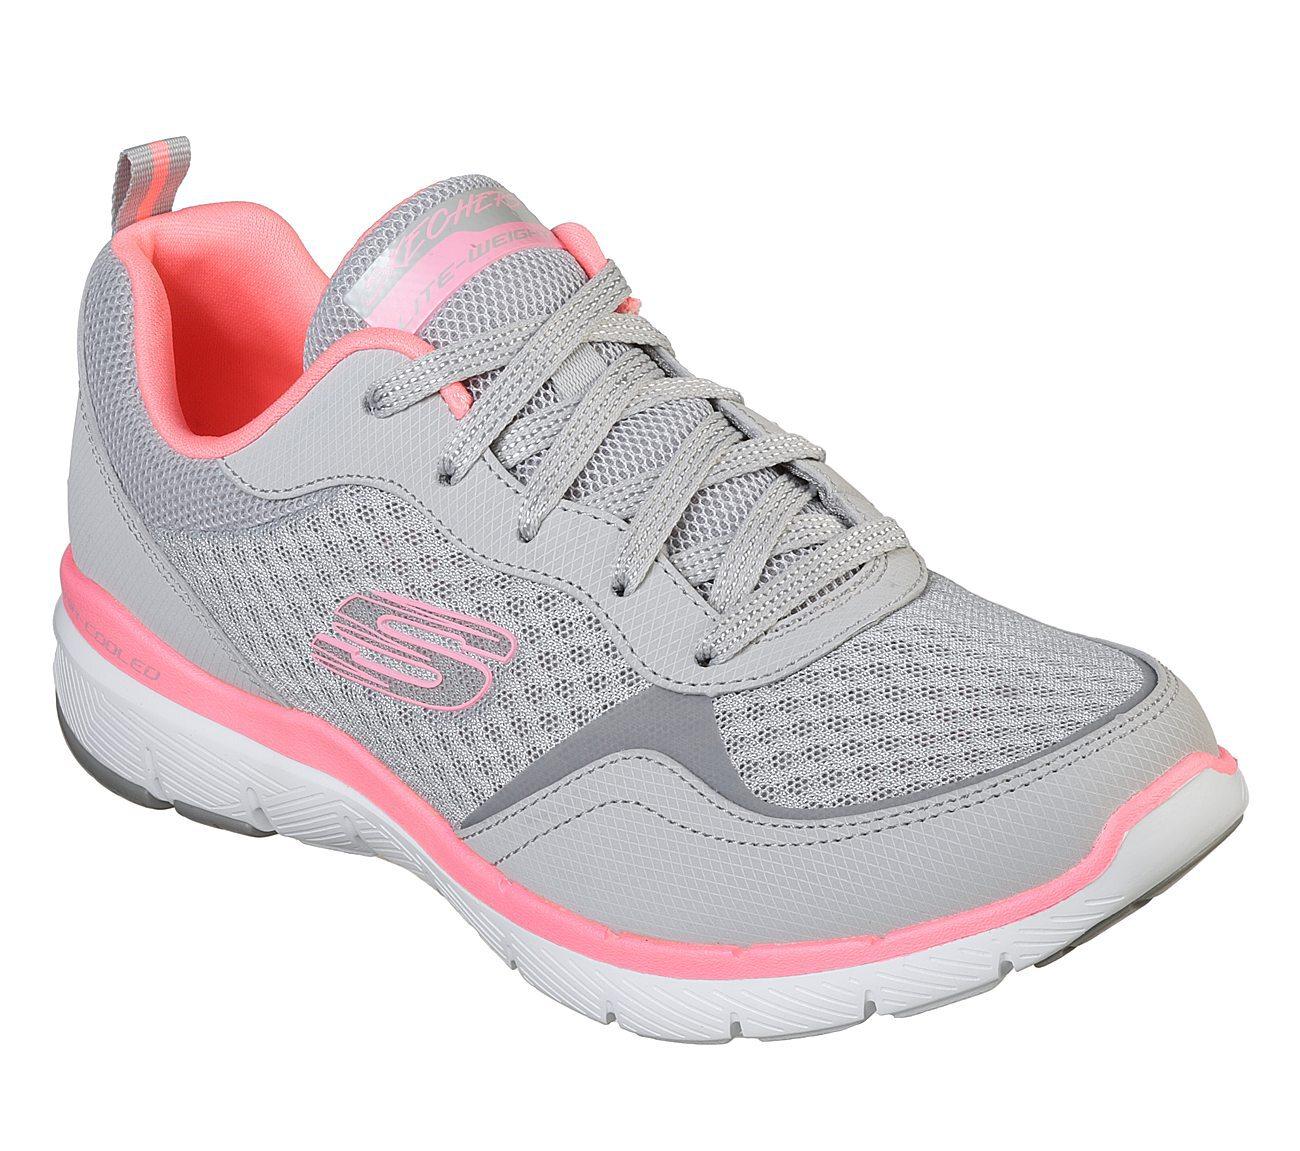 Skechers Ladies 13069 Flex Appeal Grey